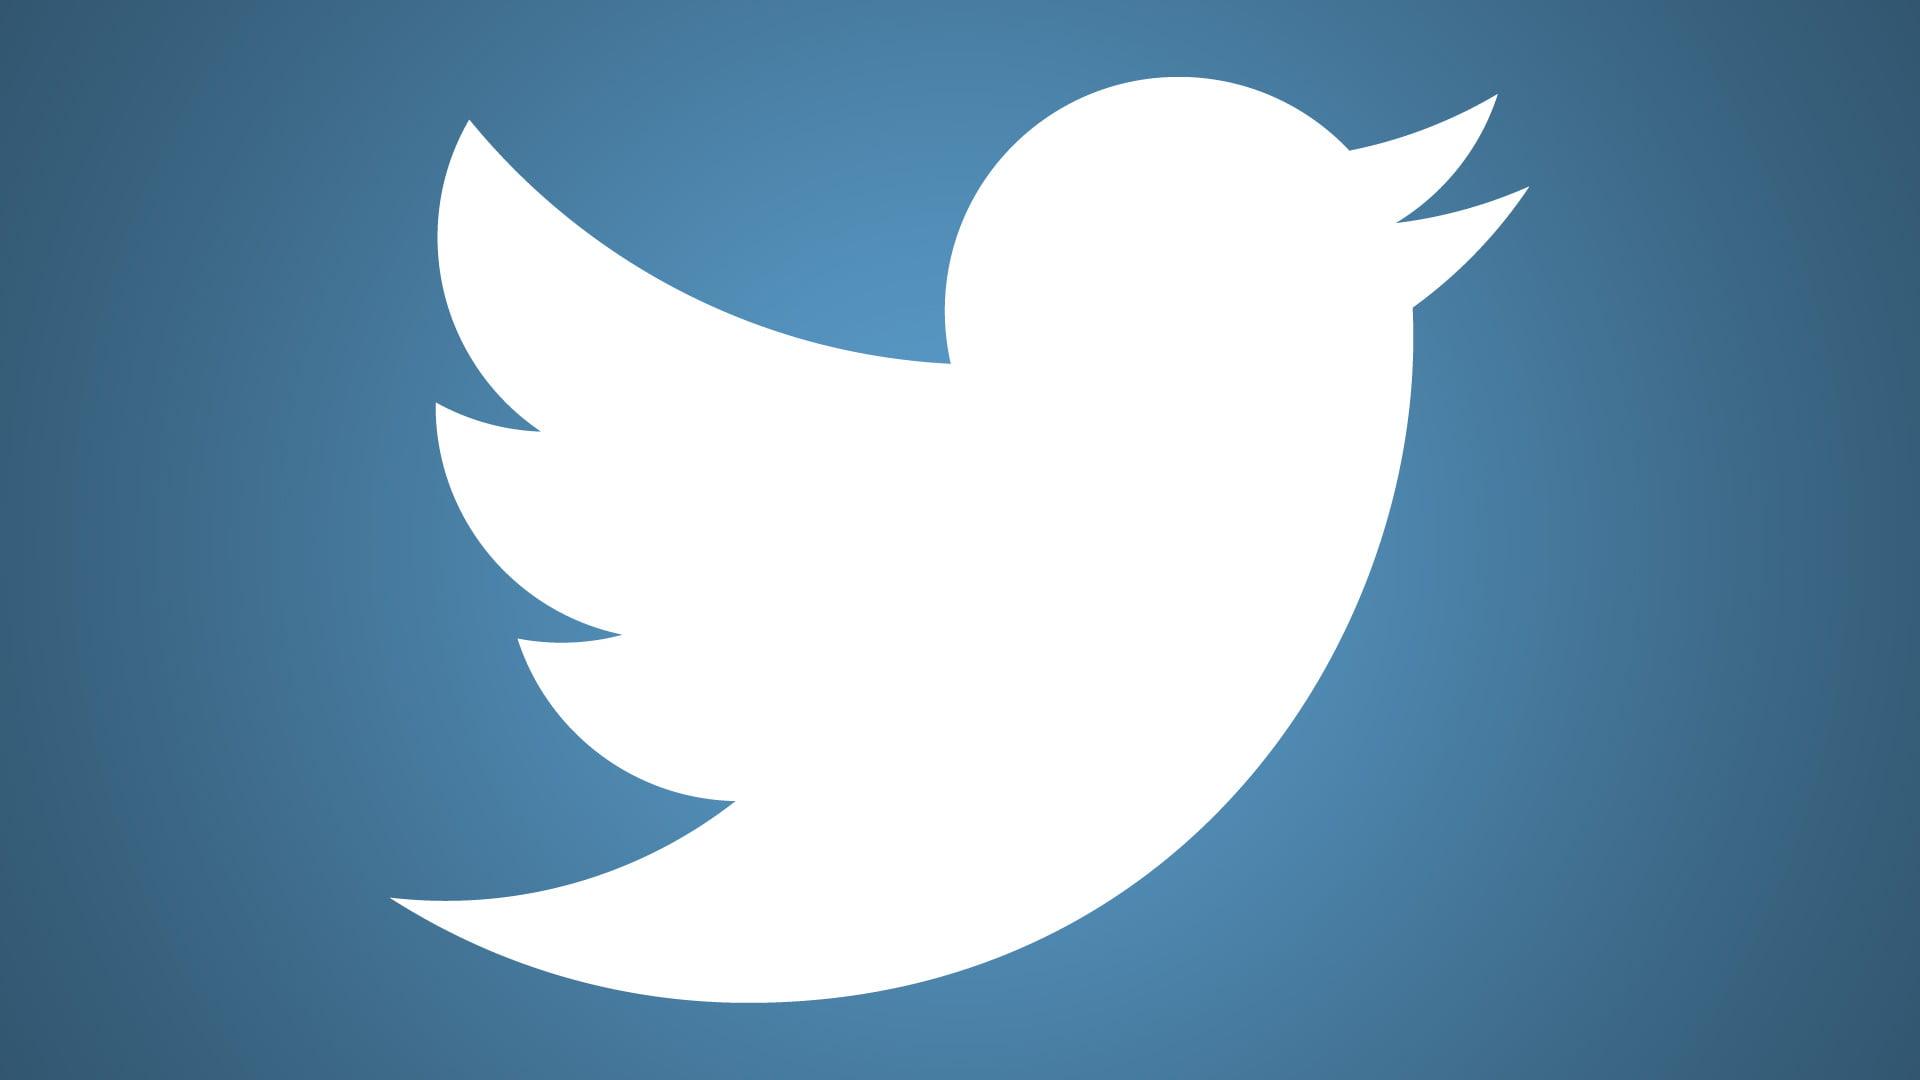 Κατασκευή e-shop & ιστοσελίδων Θεσσαλονίκη 14 Tips για να βελτιώσεις την στρατηγικής μιας διαφήμισης στο Twitter